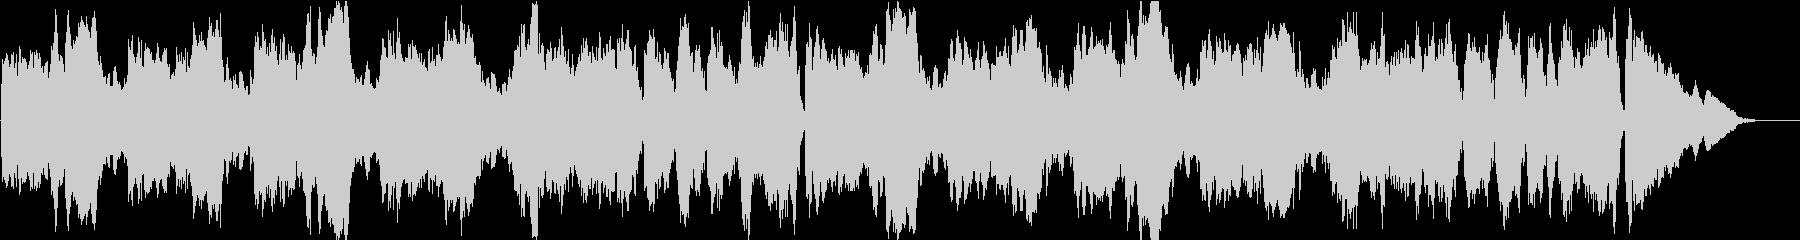 牧歌的なオーケストラ楽曲の未再生の波形